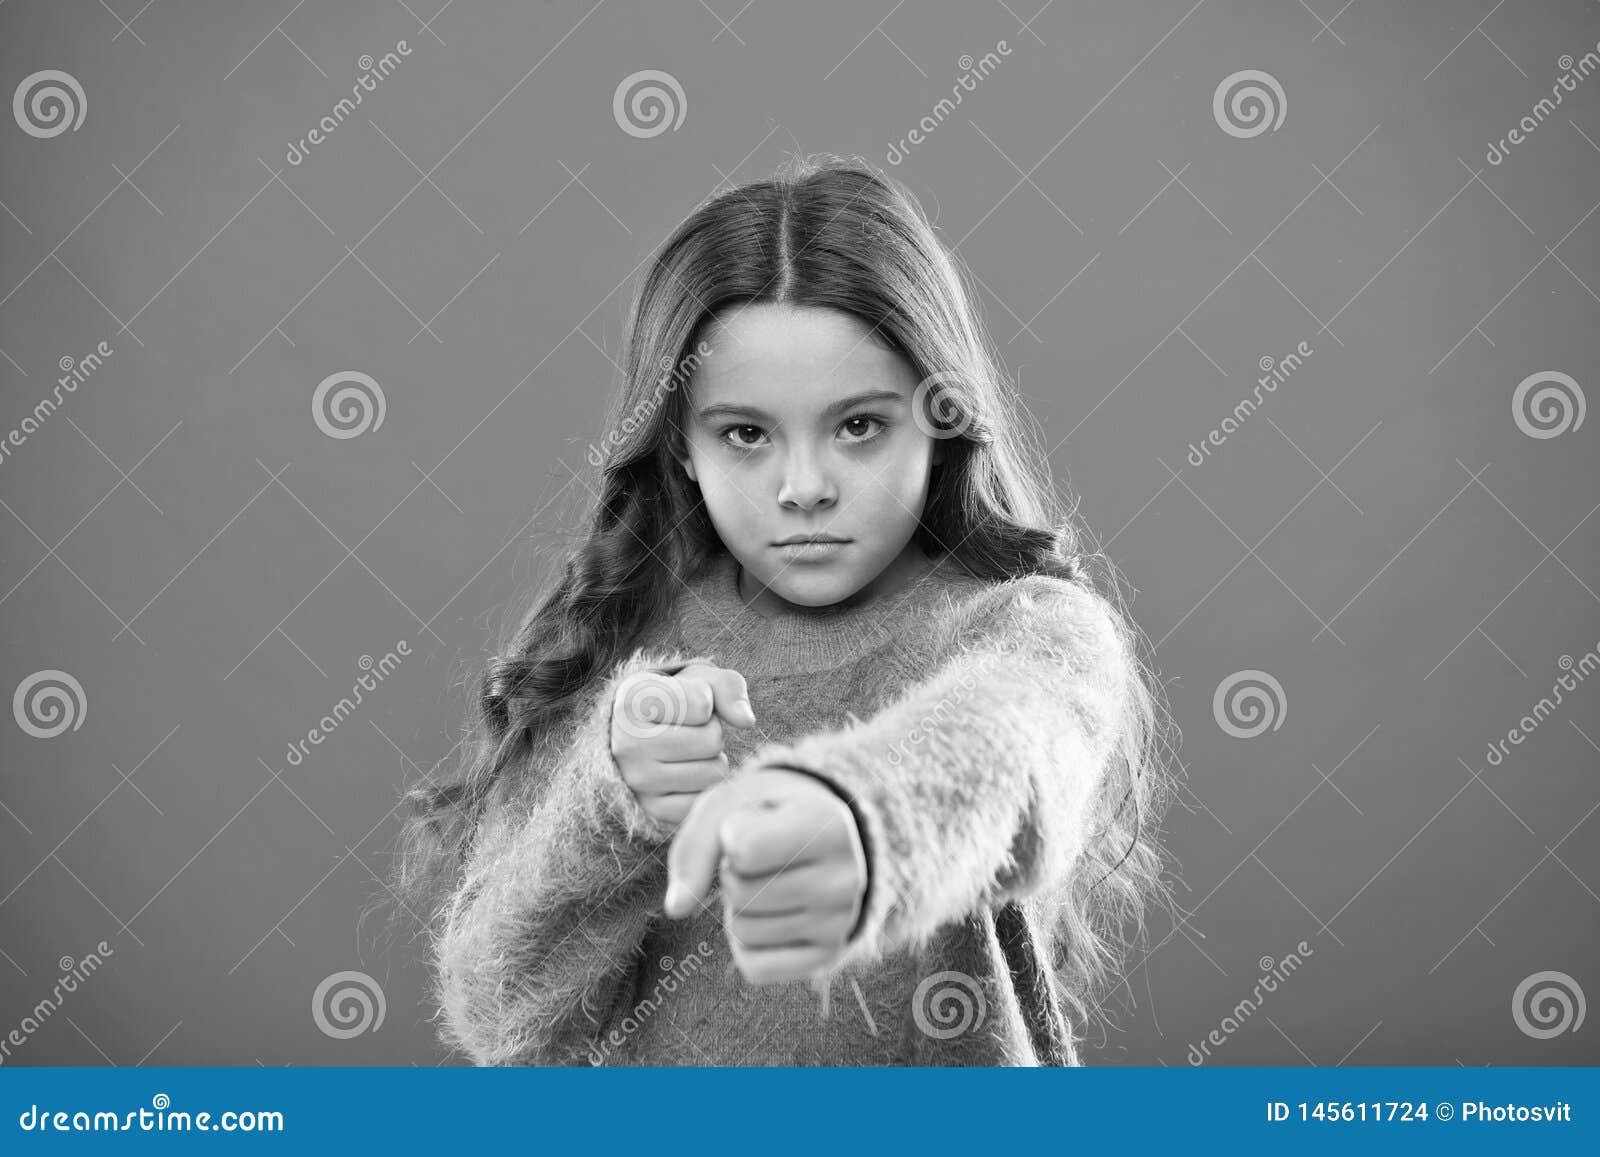 Παιδί κοριτσιών χαριτωμένο αλλά ισχυρό Μόνος - υπεράσπιση για τα παιδιά Υπερασπίστε την αθωότητα Πώς διδάξτε τα παιδιά για να υπε